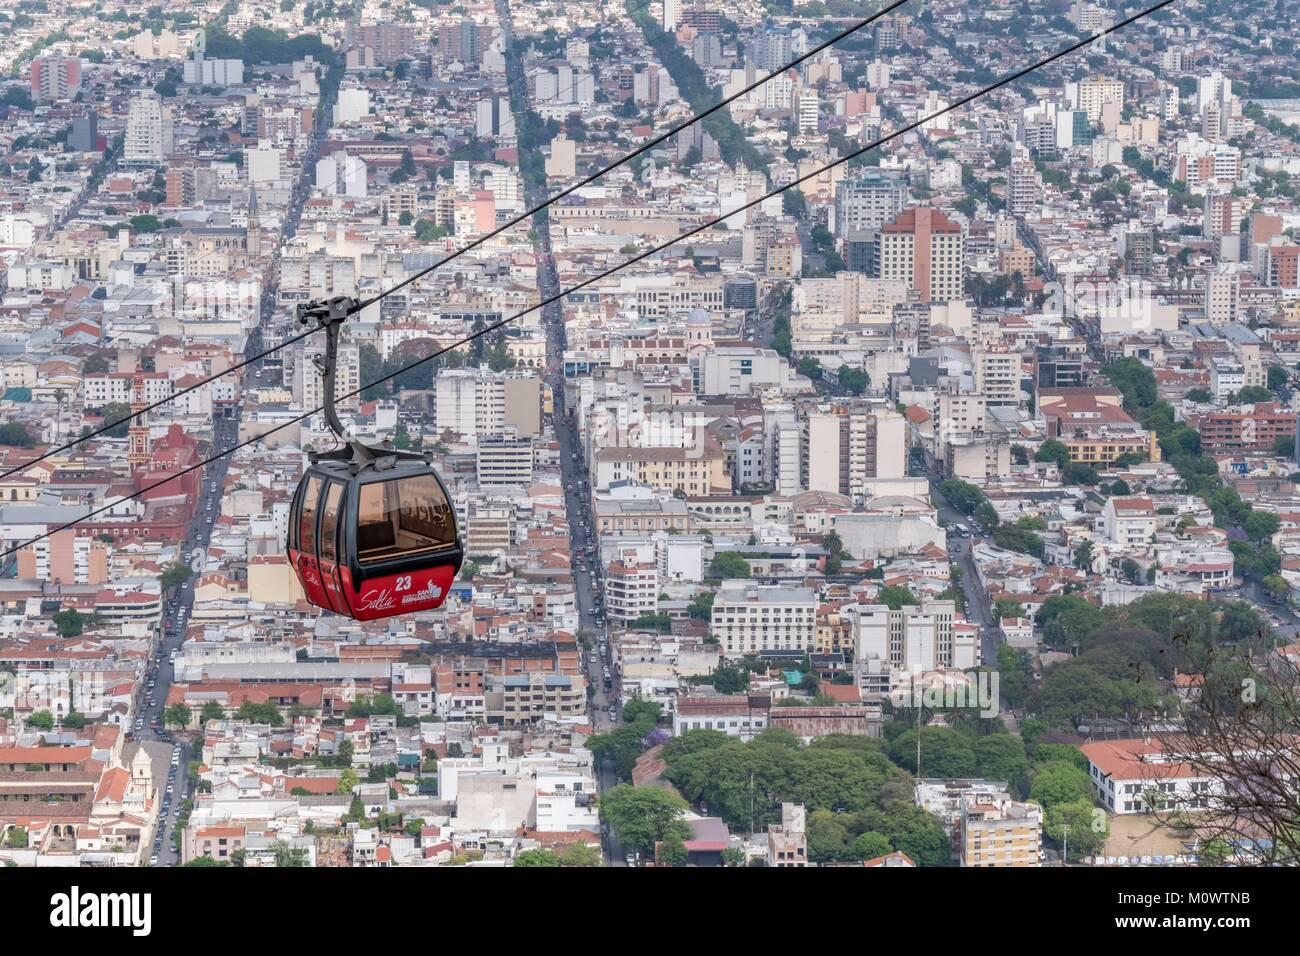 Argentina,Salta province,Salta,San Bernardo Hill Cable Car - Stock Image